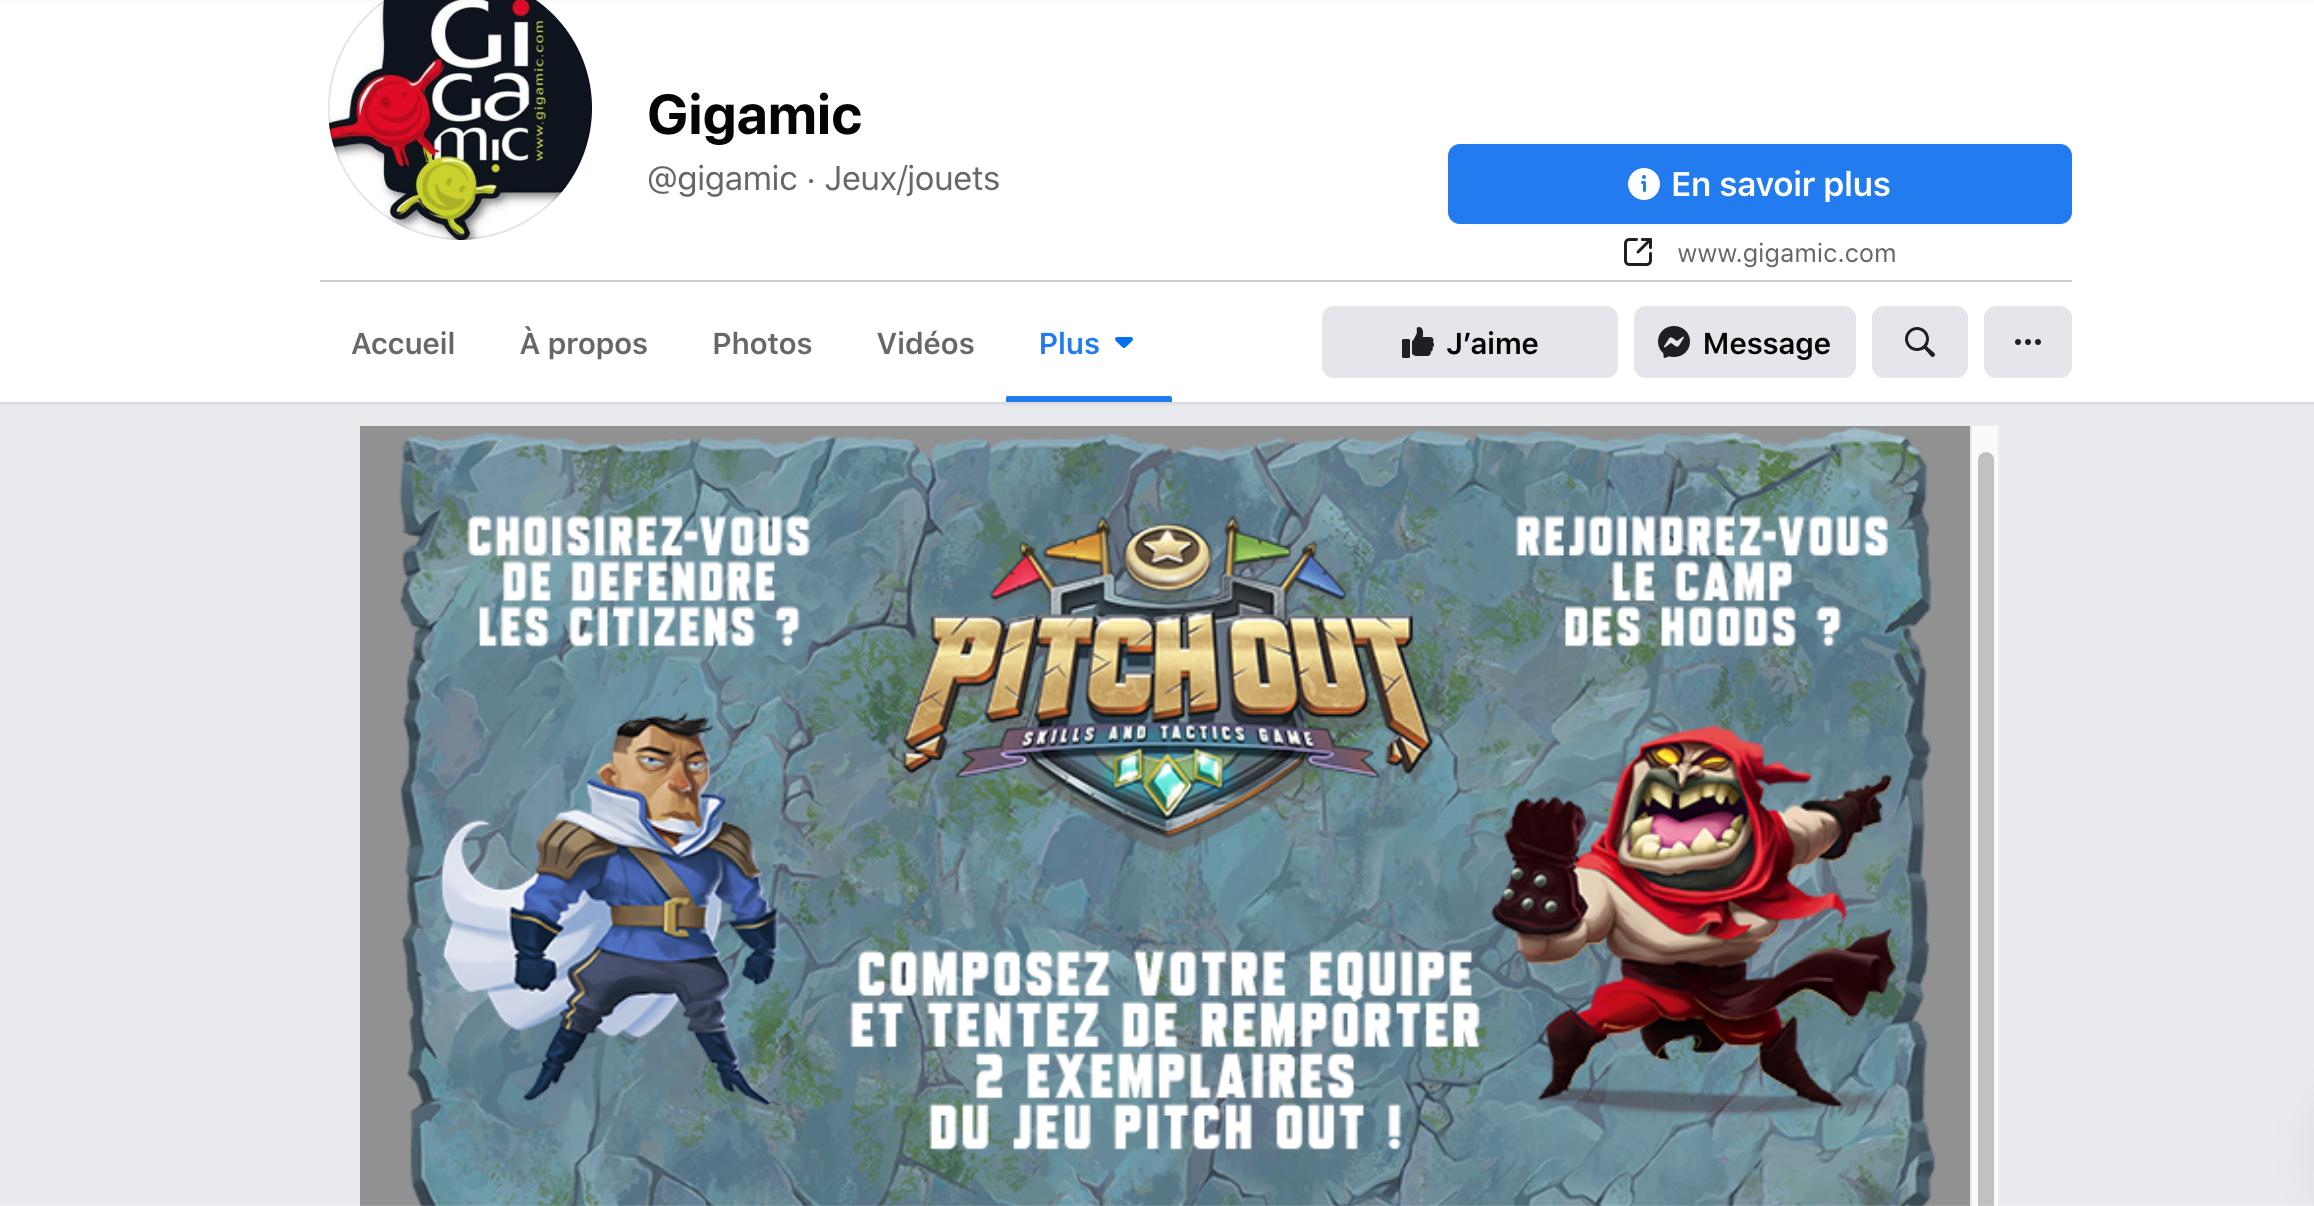 marketing gigamic